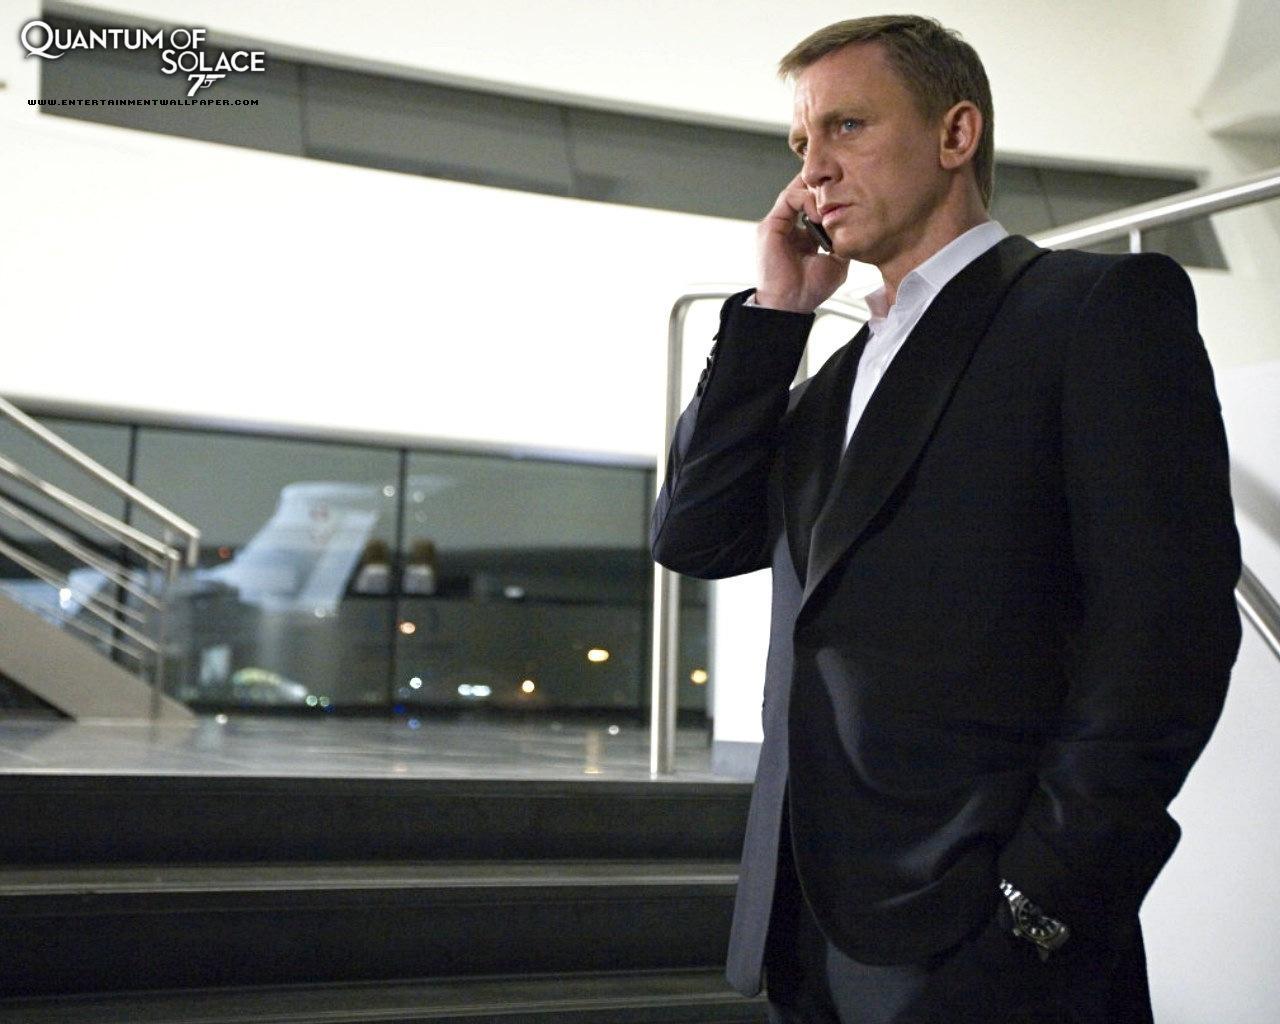 Image James Bond Quantum of Solace film Movies